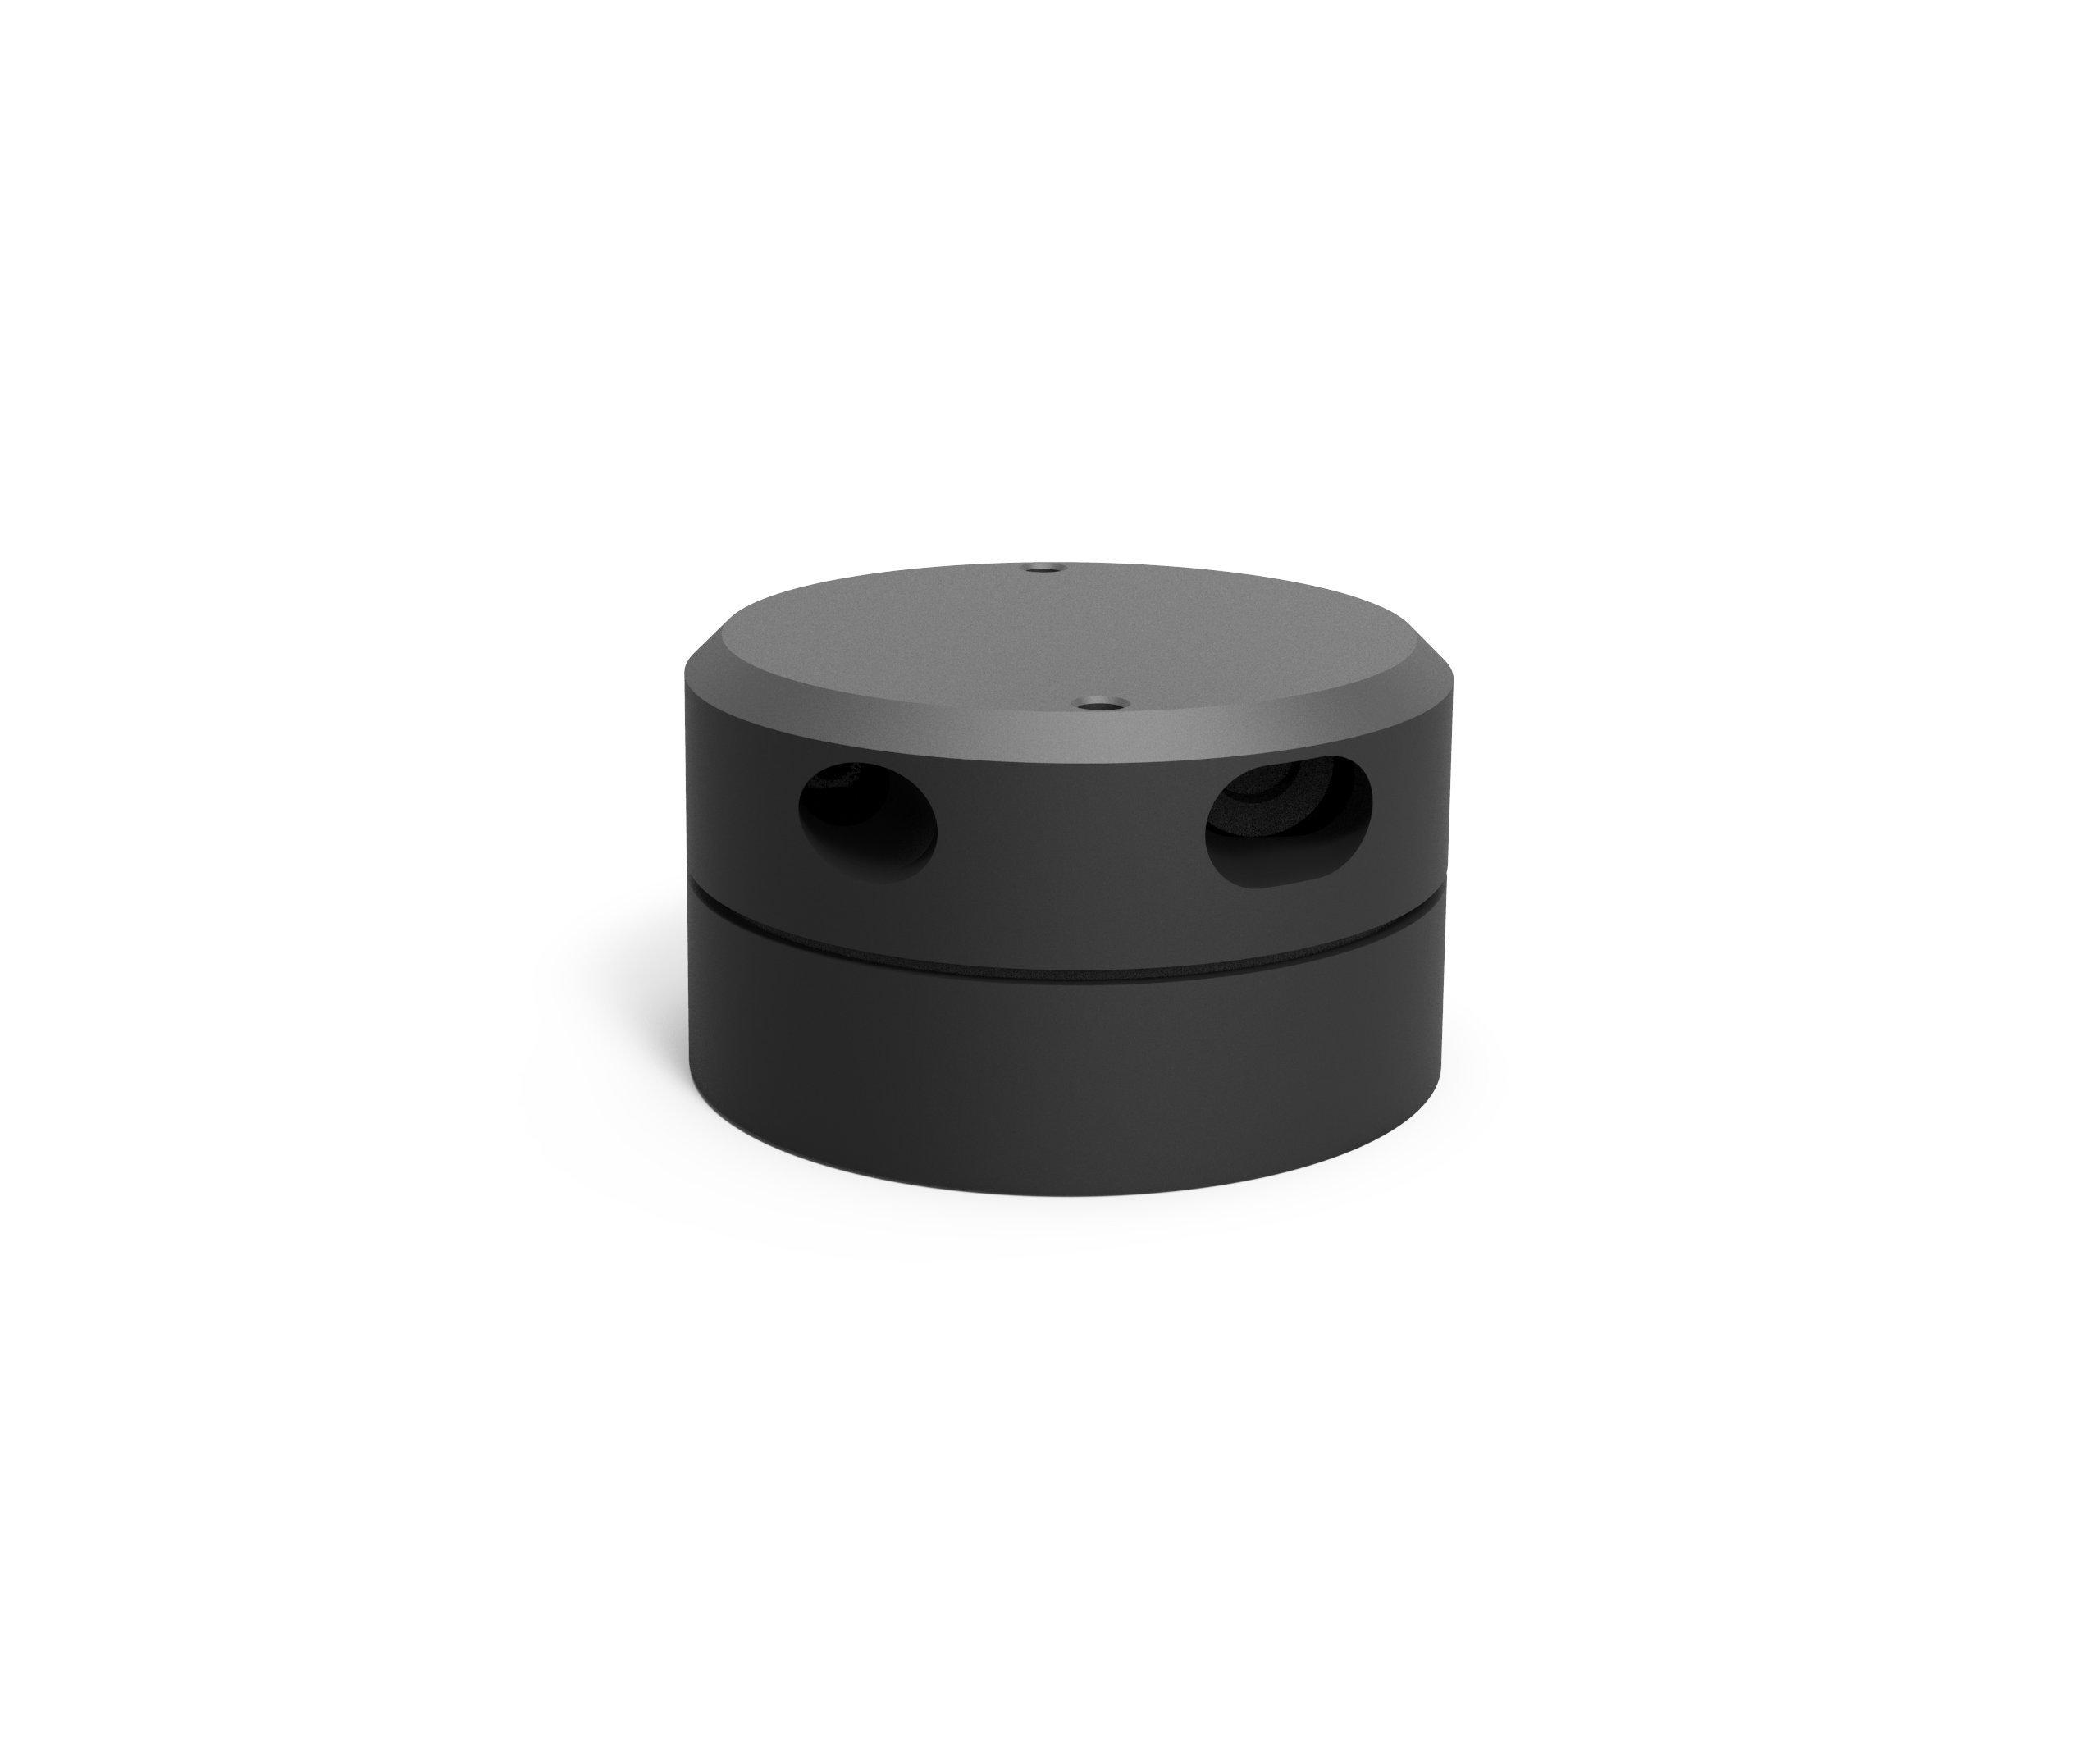 YDLIDAR G4 - Lidar Laser Rangefinder, 2D Laser Scanner for ROS SLAM Robot